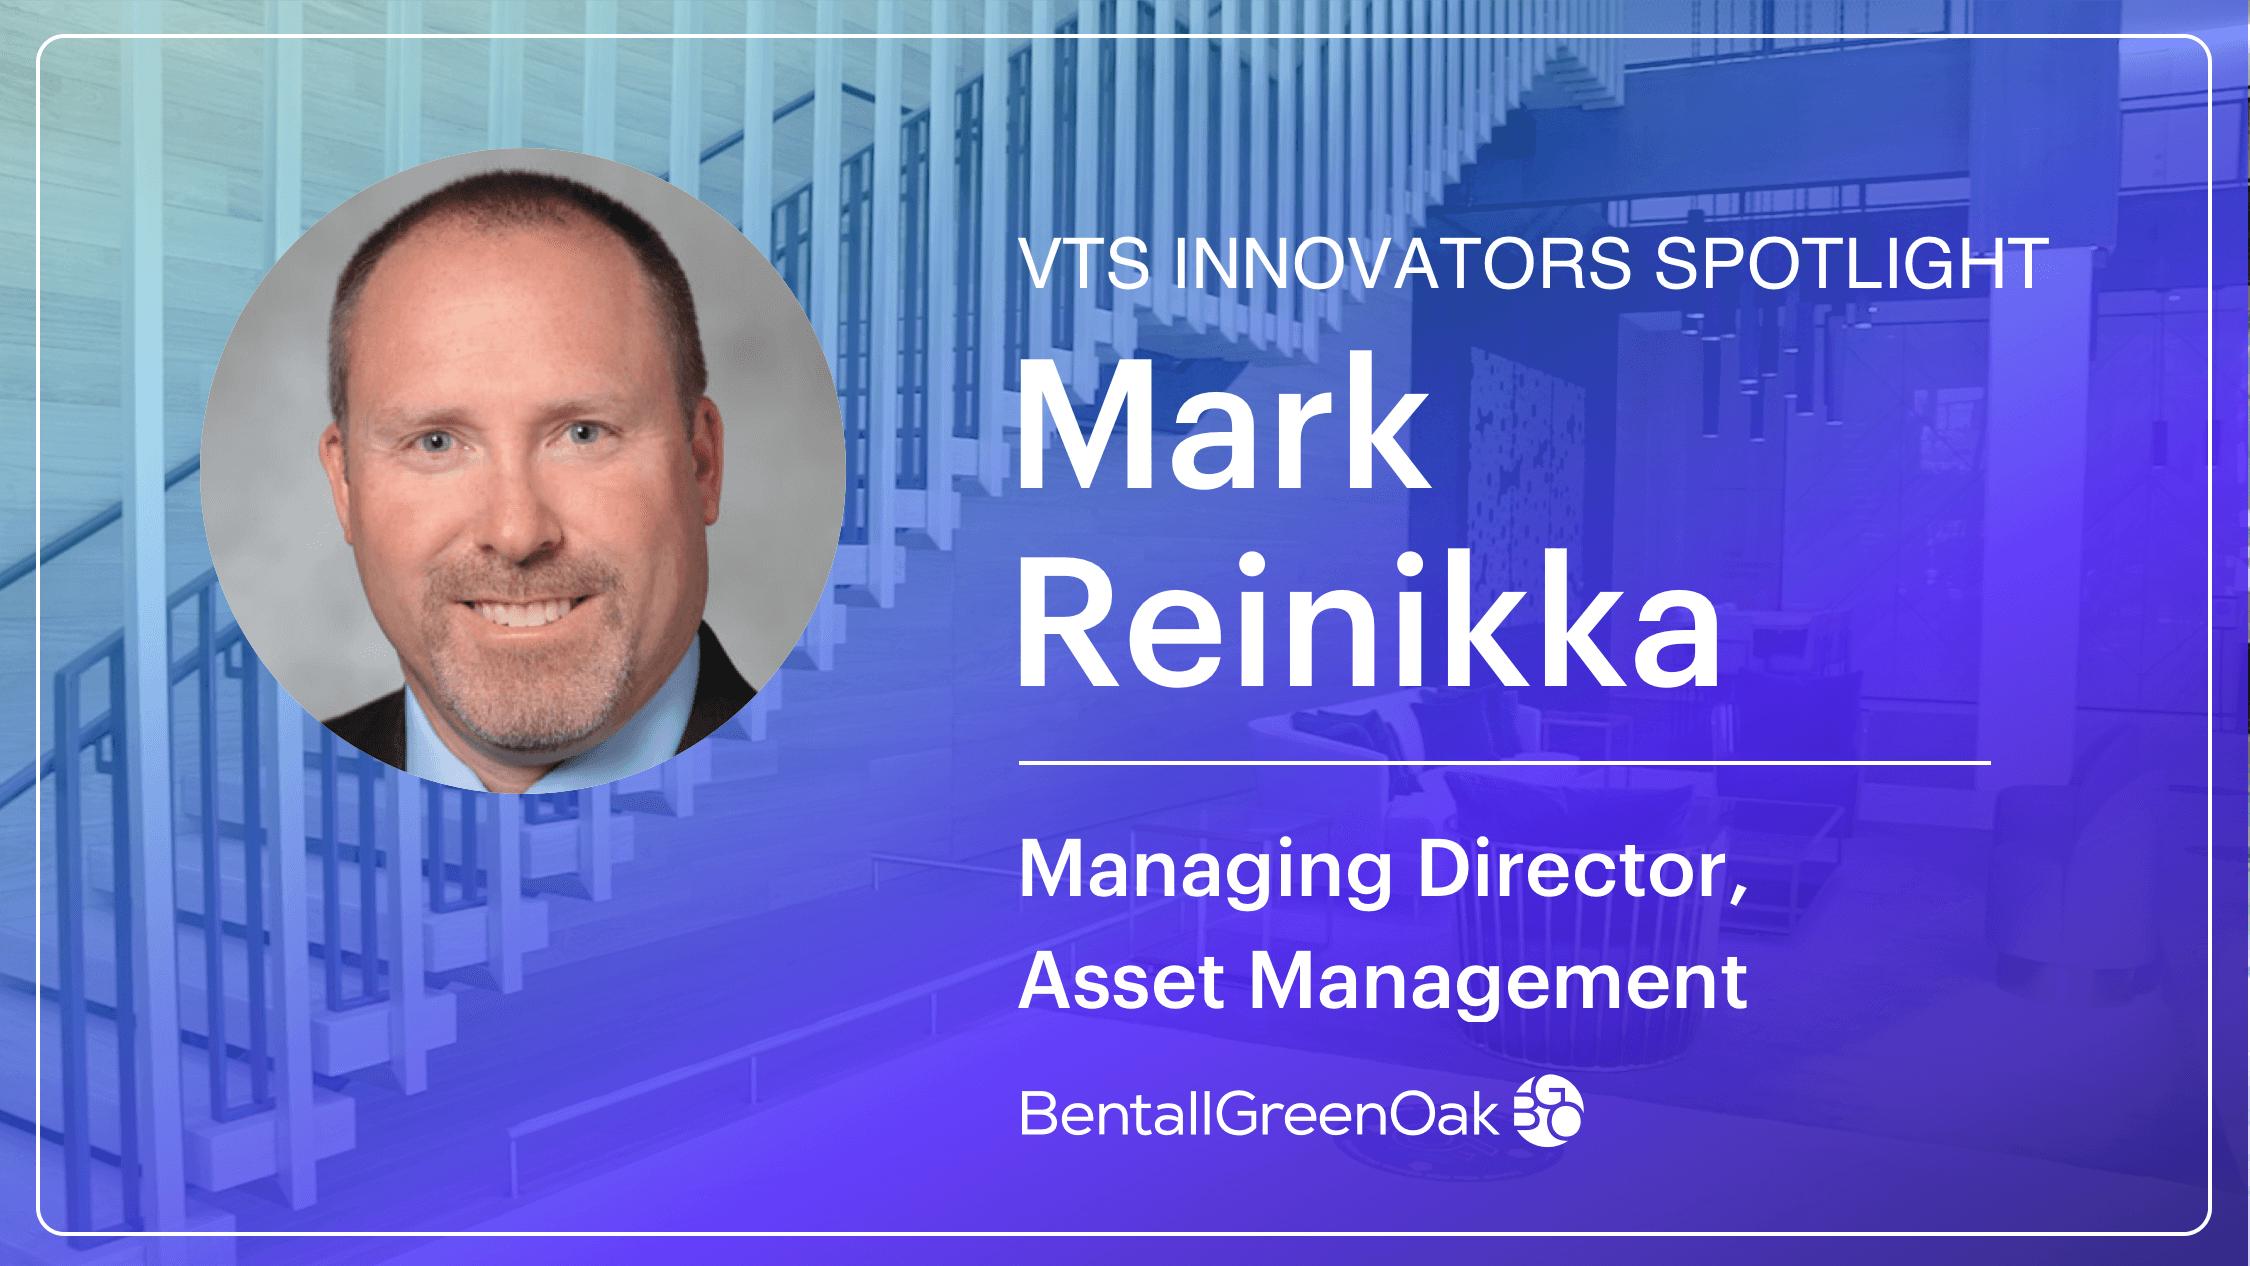 Mark Reinikka